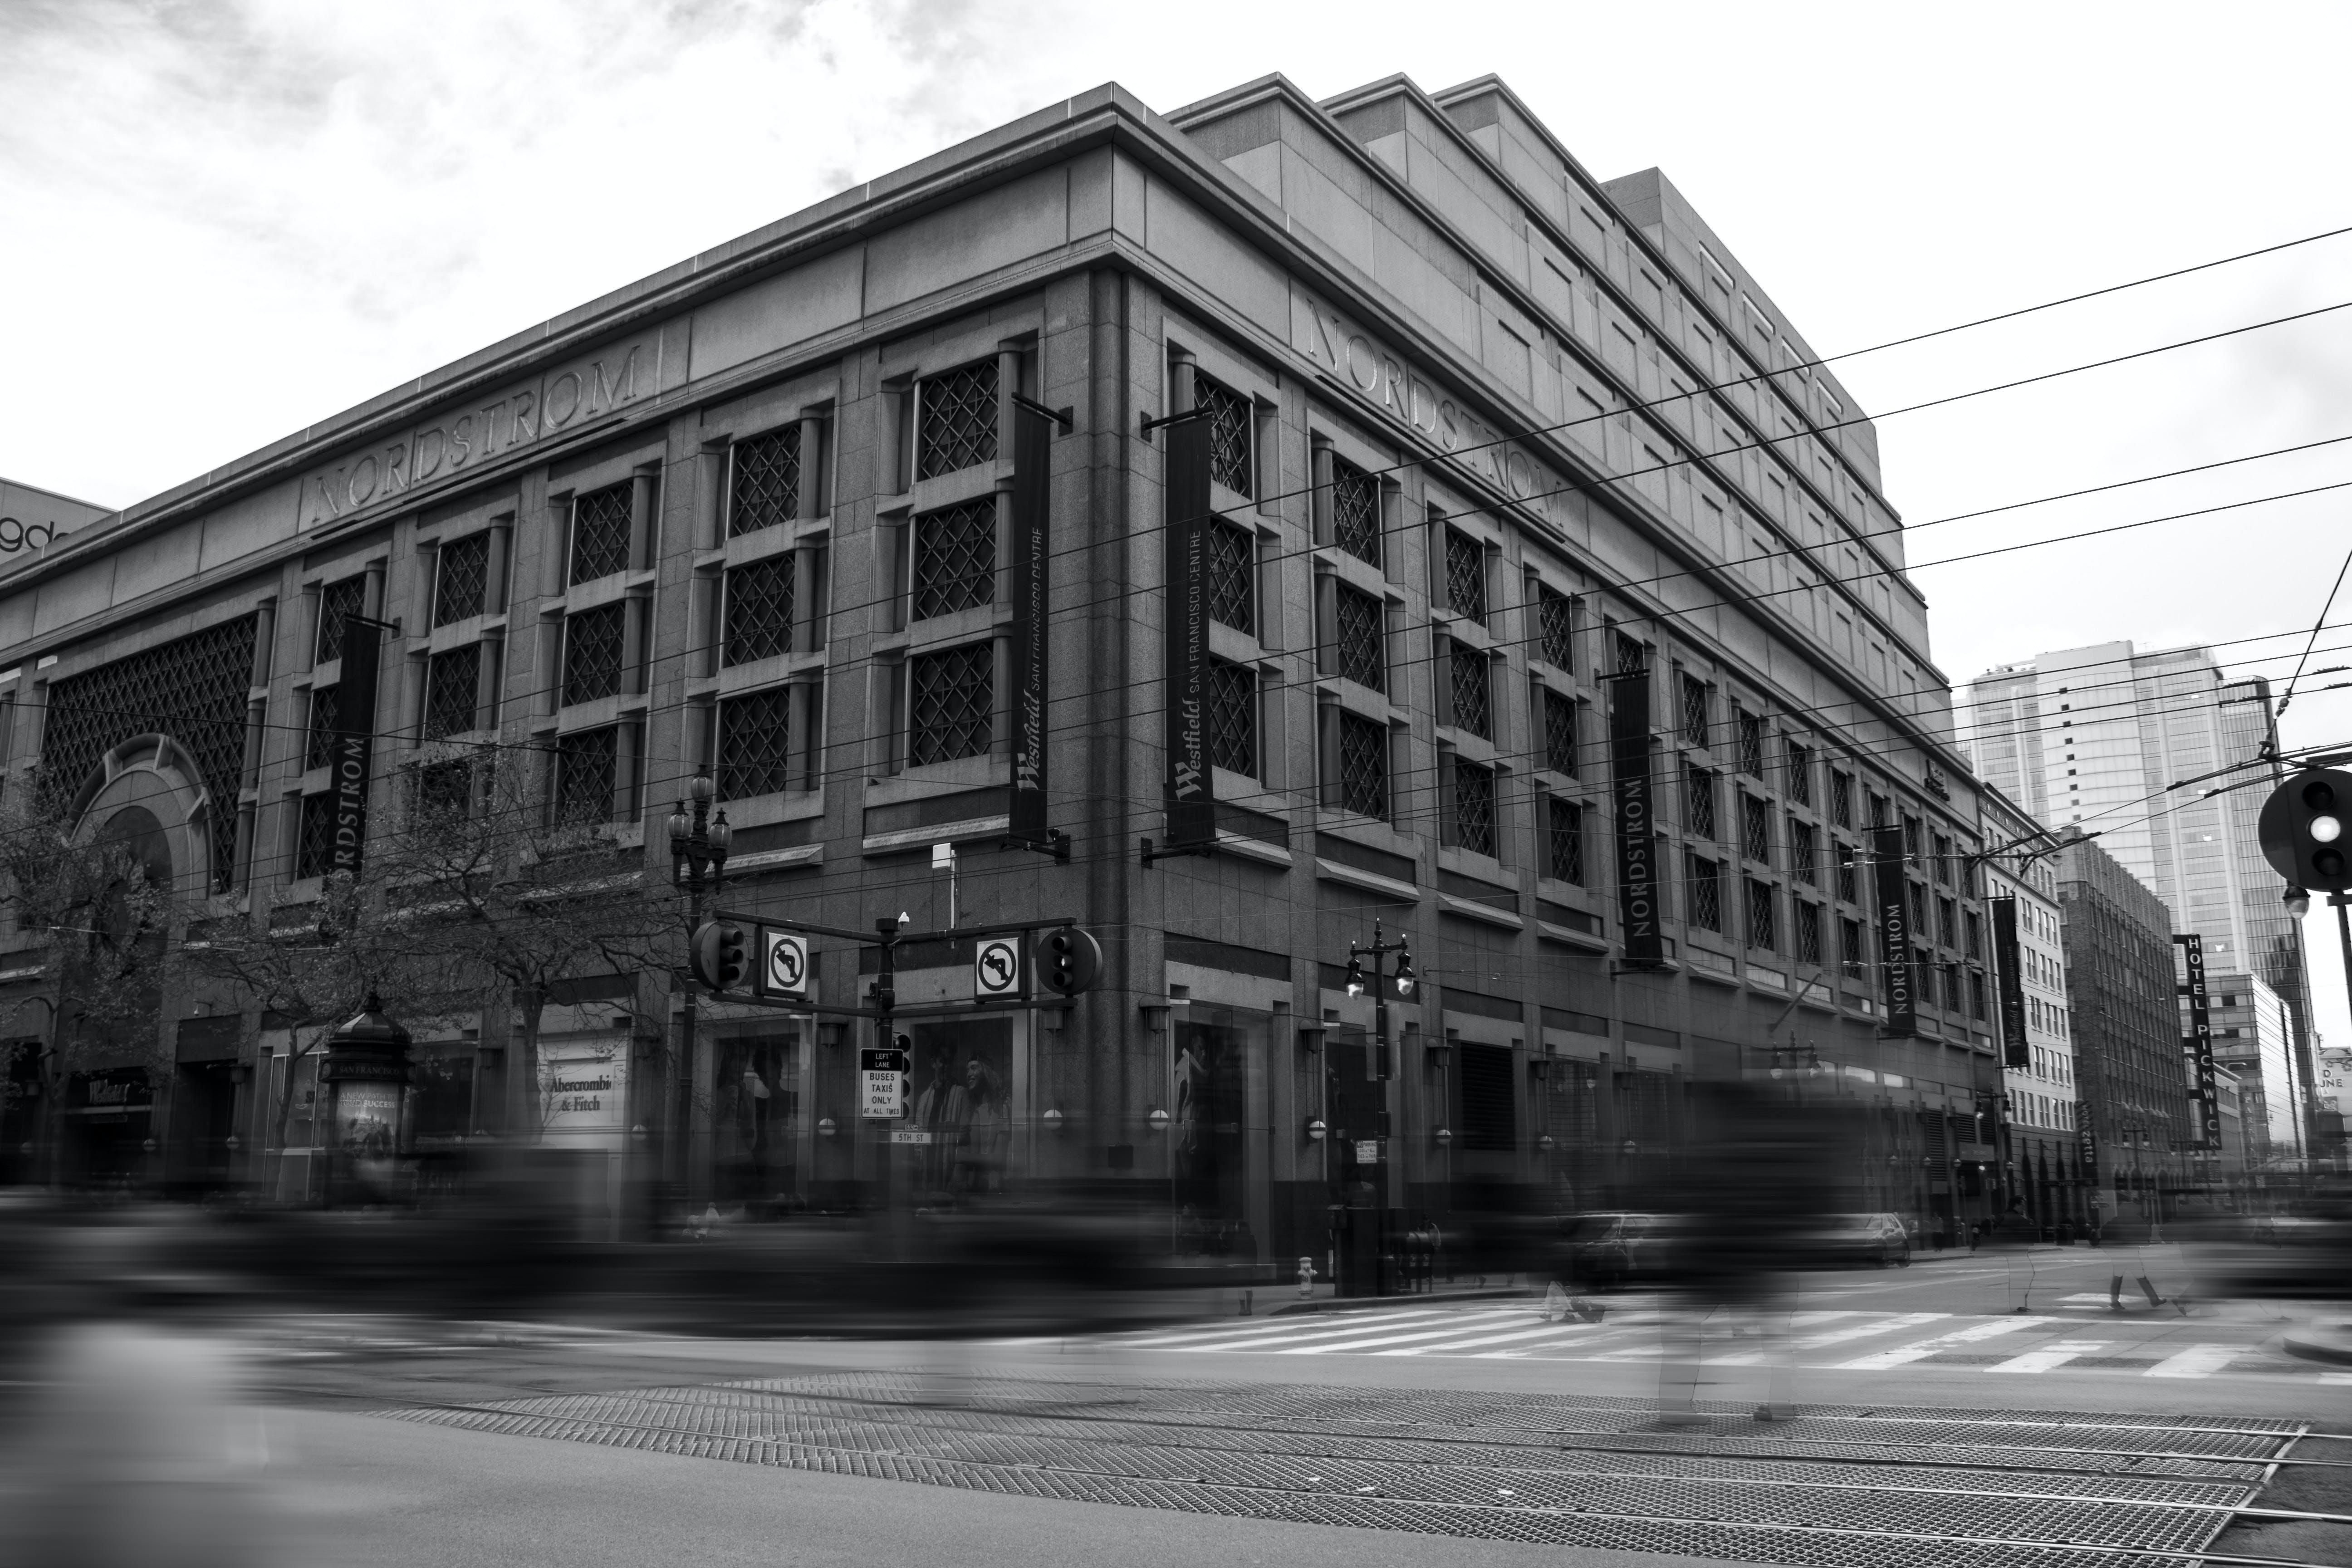 Kostenloses Stock Foto zu architektur, innenstadt, langzeitbelichtung, schwarz und weiß